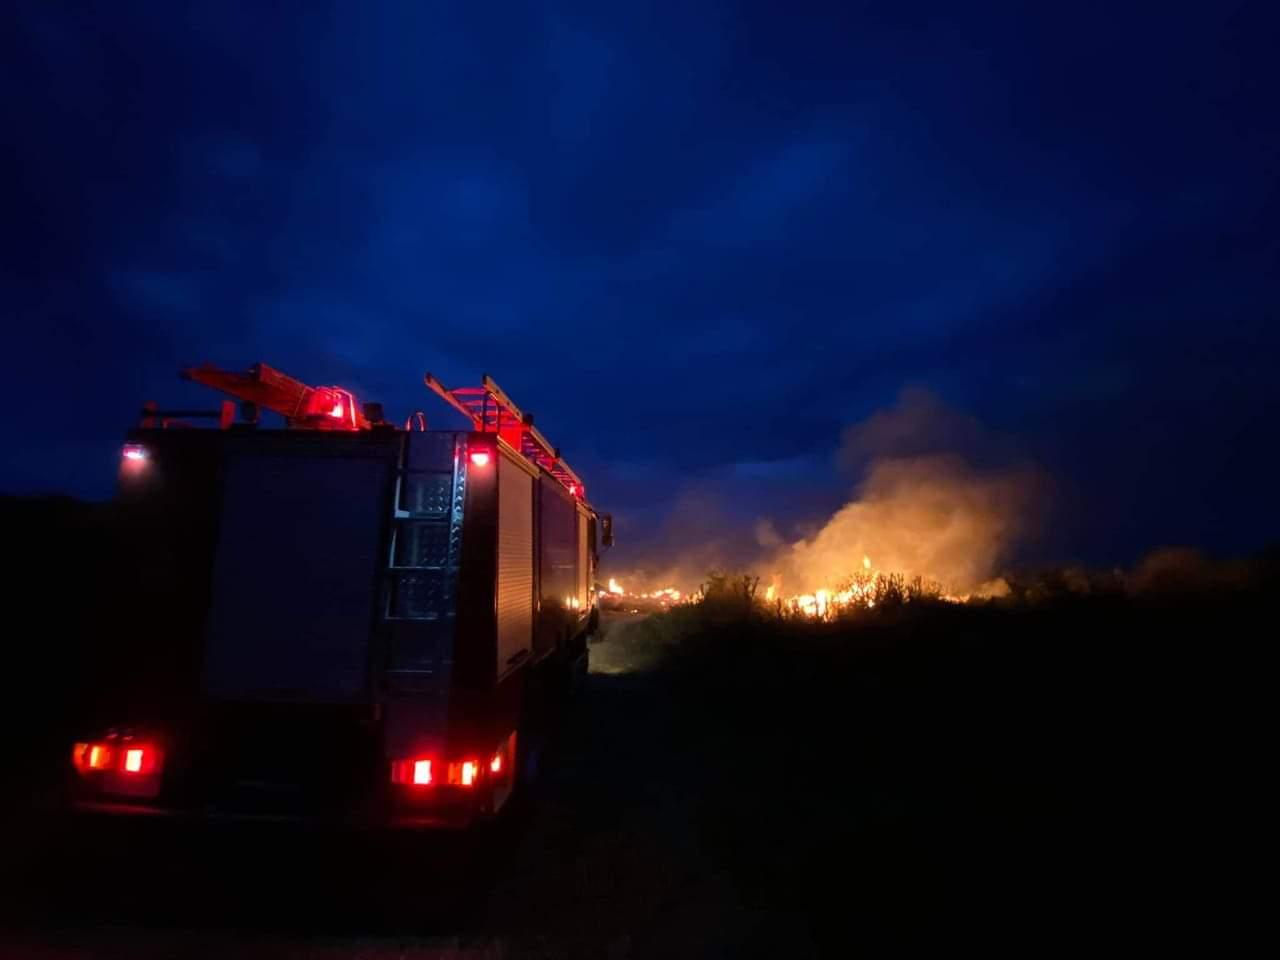 Πυρκαγιά στον Αΐ Λια Χαλκιδικής